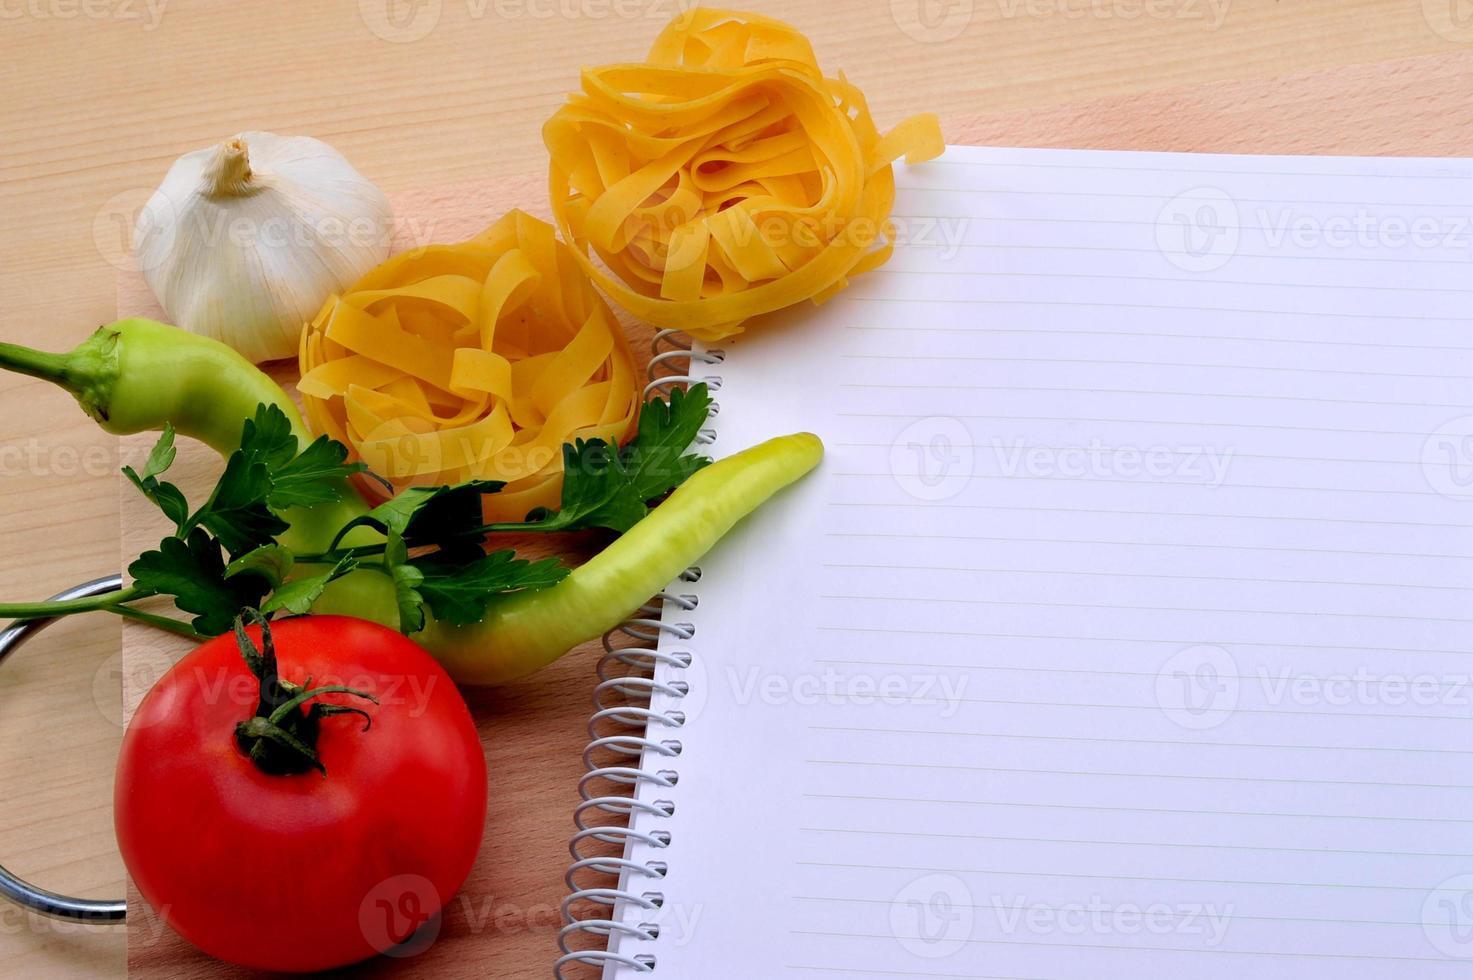 con ricettario bianco, pomodori, peperoni verdi foto